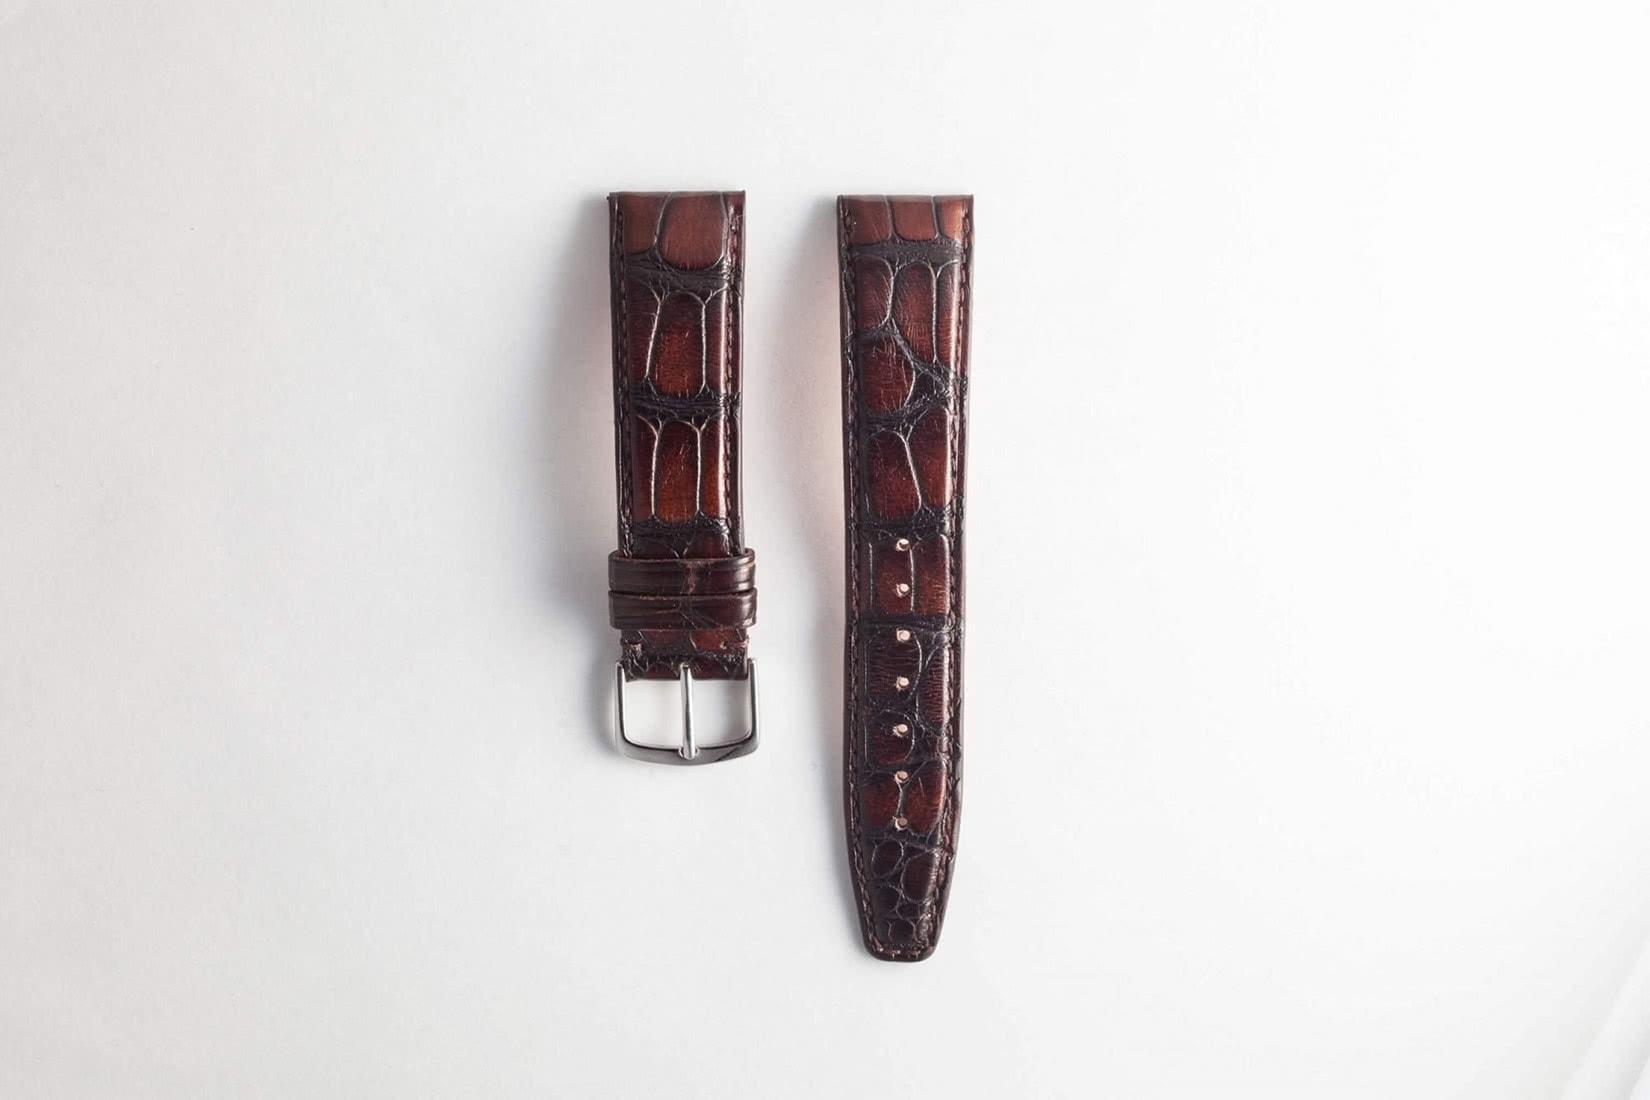 watch straps bracelets leather - Luxe Digital